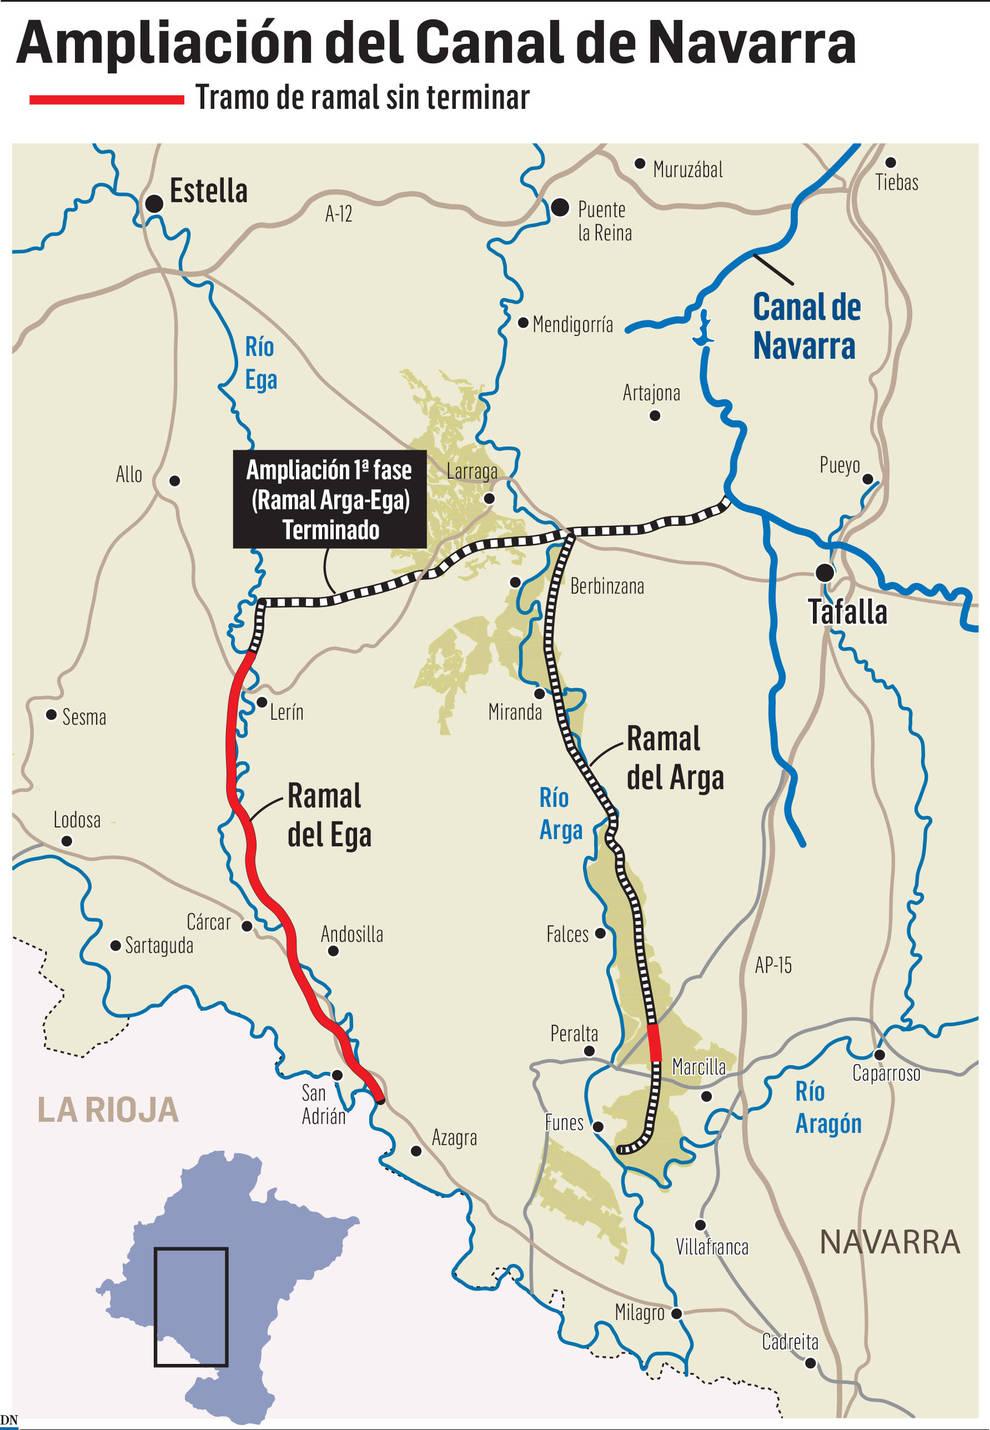 Los retrasos de la ampliación del Canal ya han costado 12,6 millones